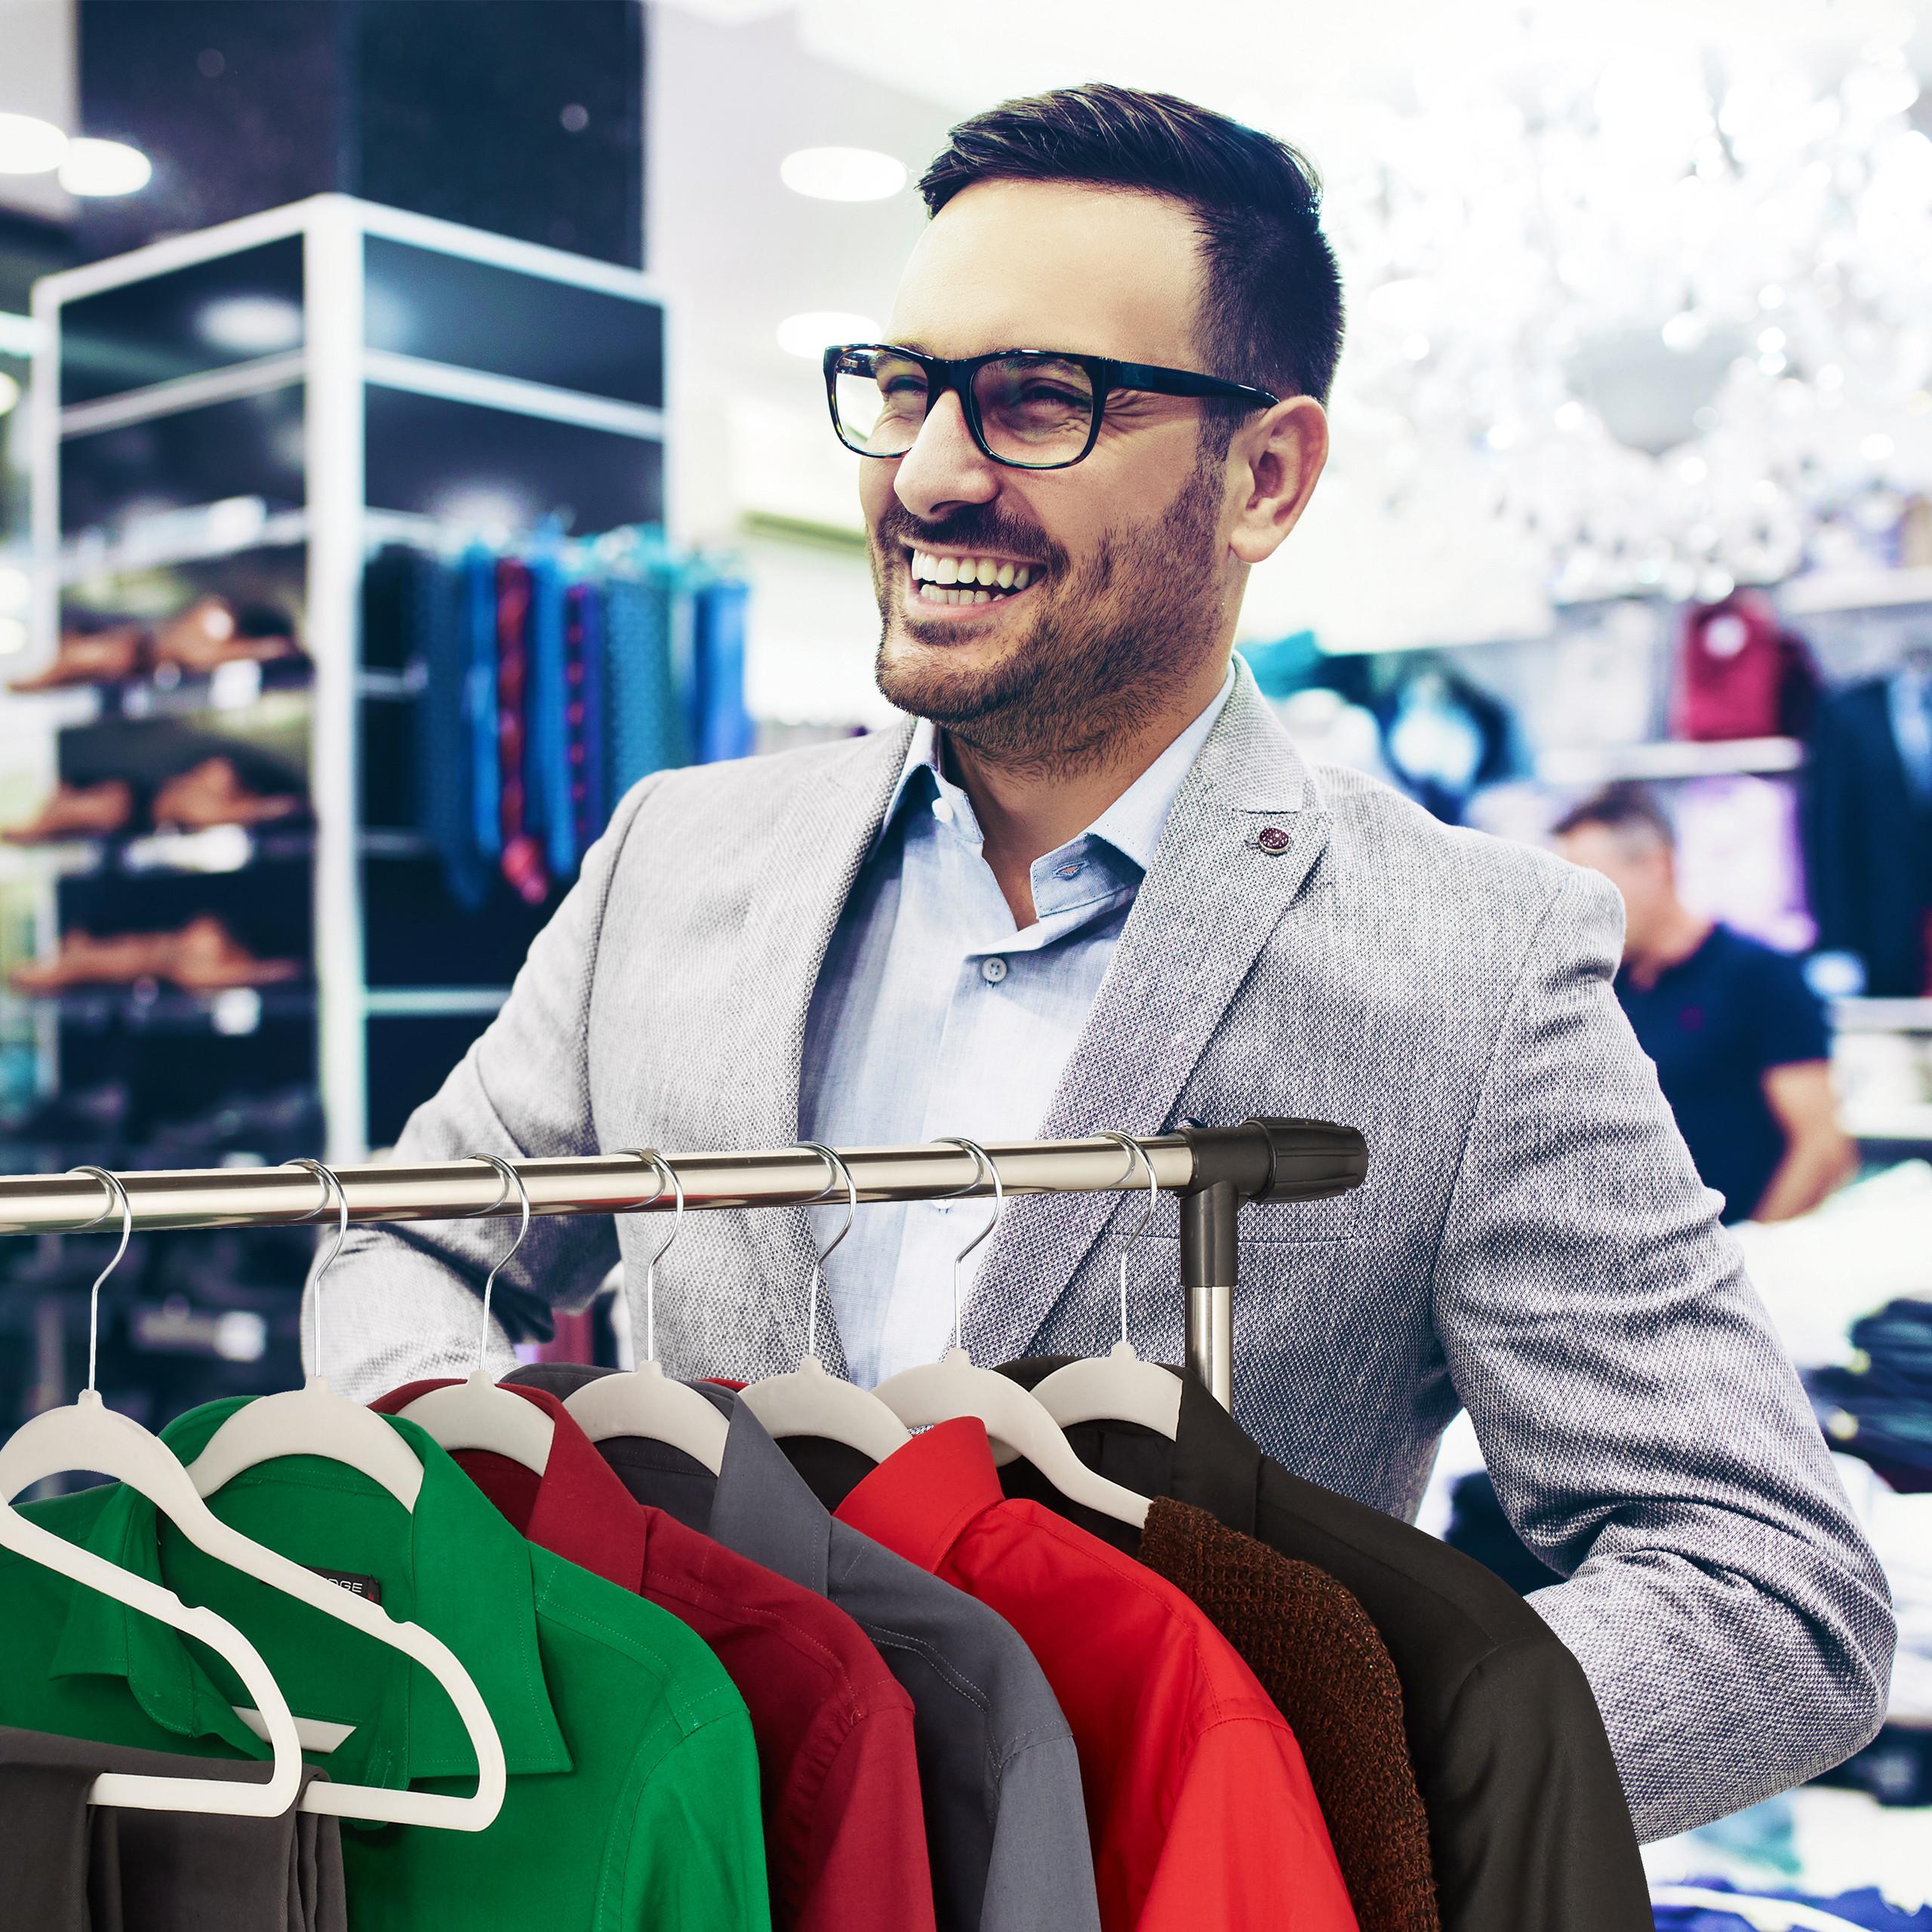 Kleiderbügel Samt Garderobenbügel Samtbügel Anzugbügel Hosenbügel Hemdbügel weiß